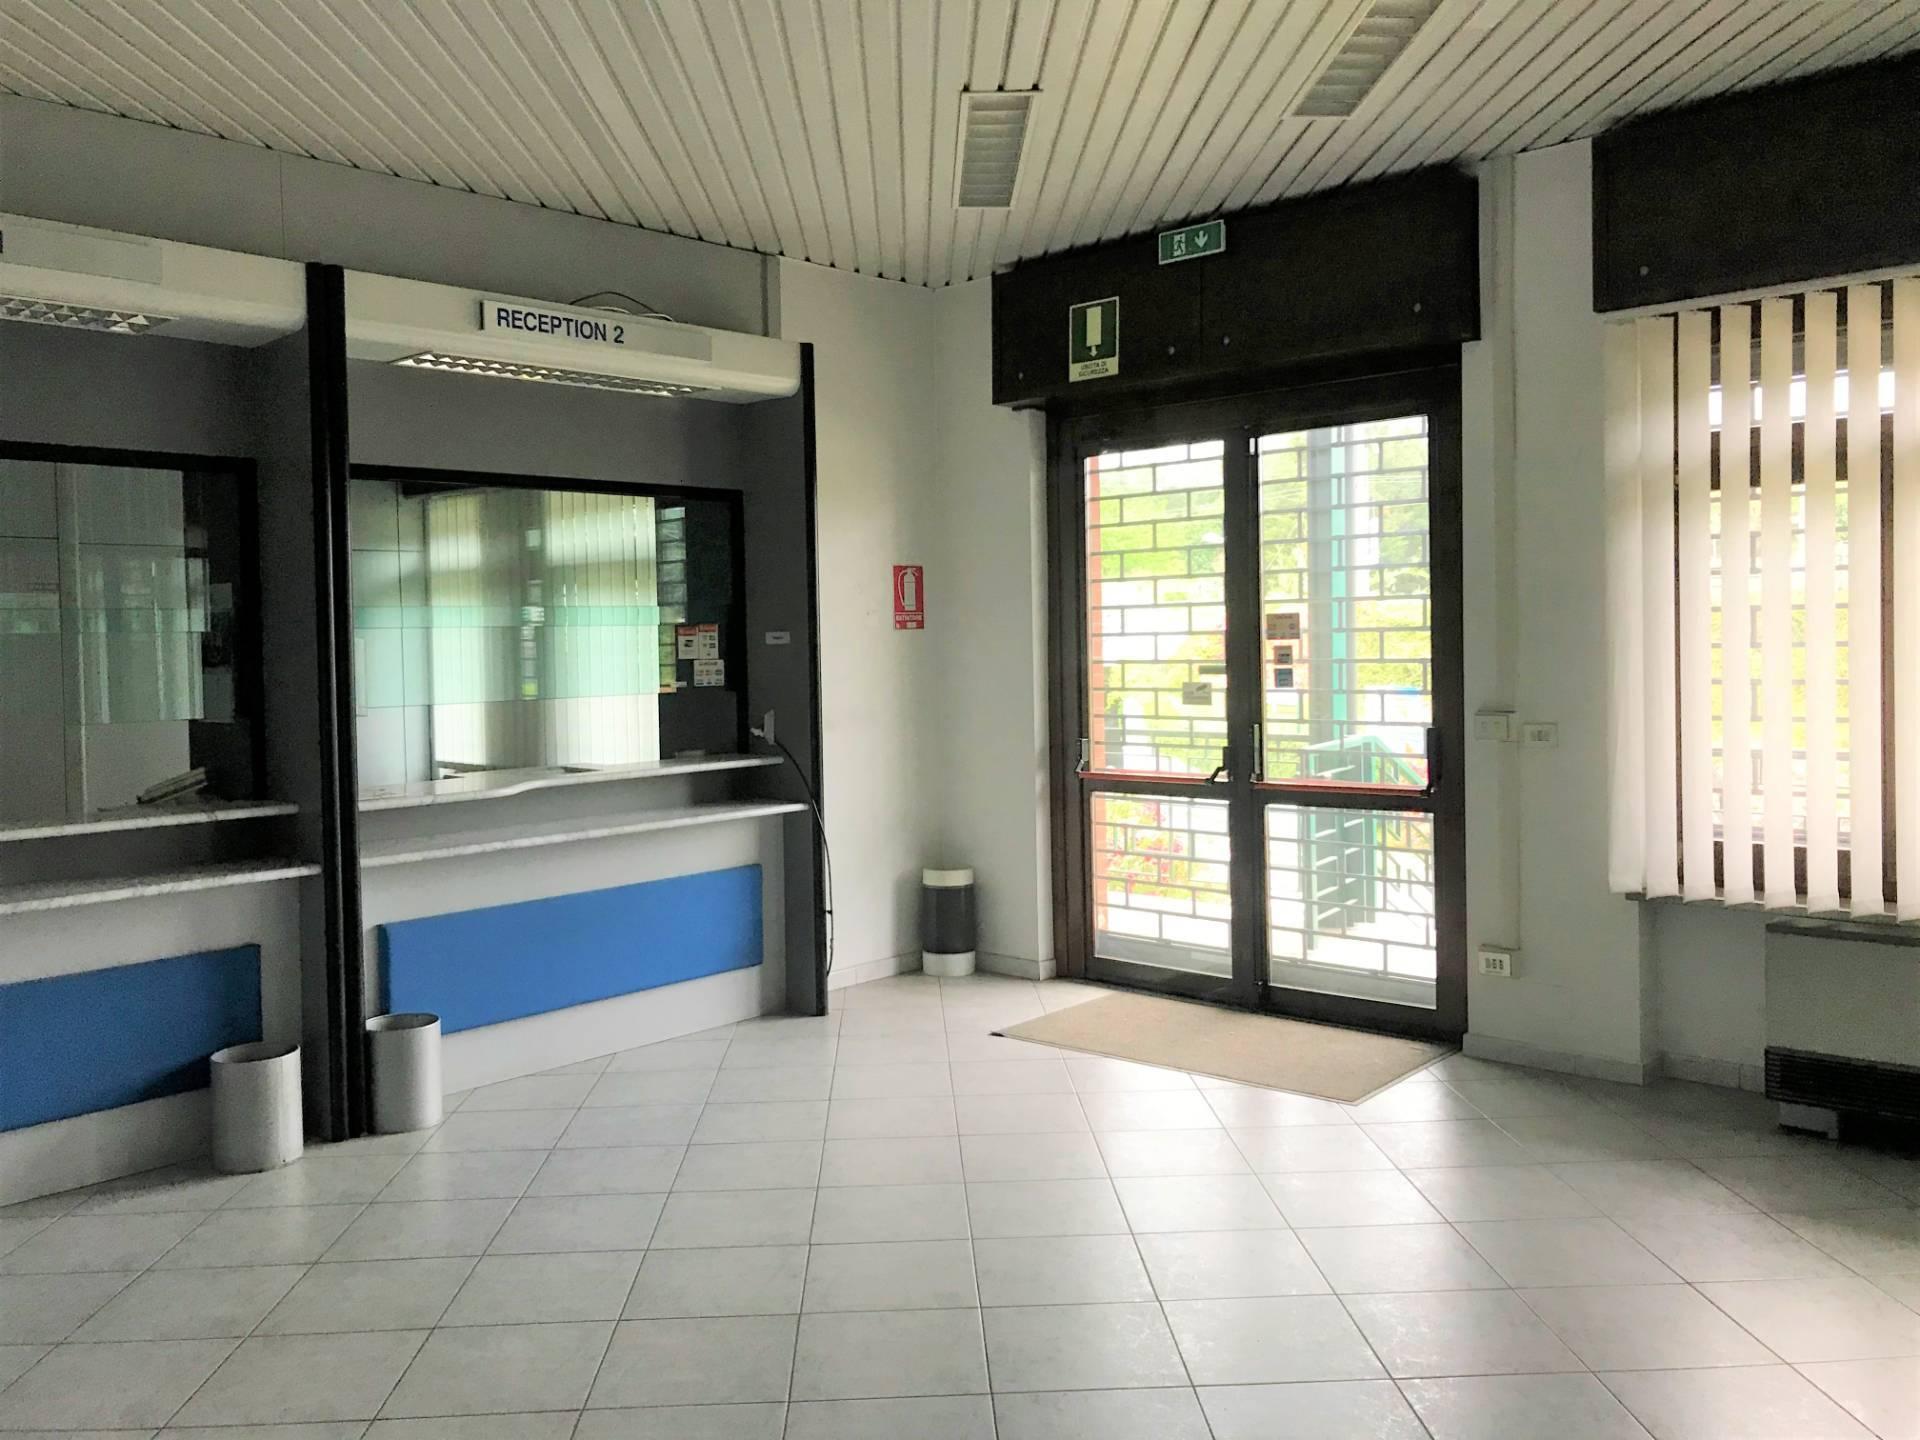 Vendita Negozio Commerciale/Industriale Avigliana 114759